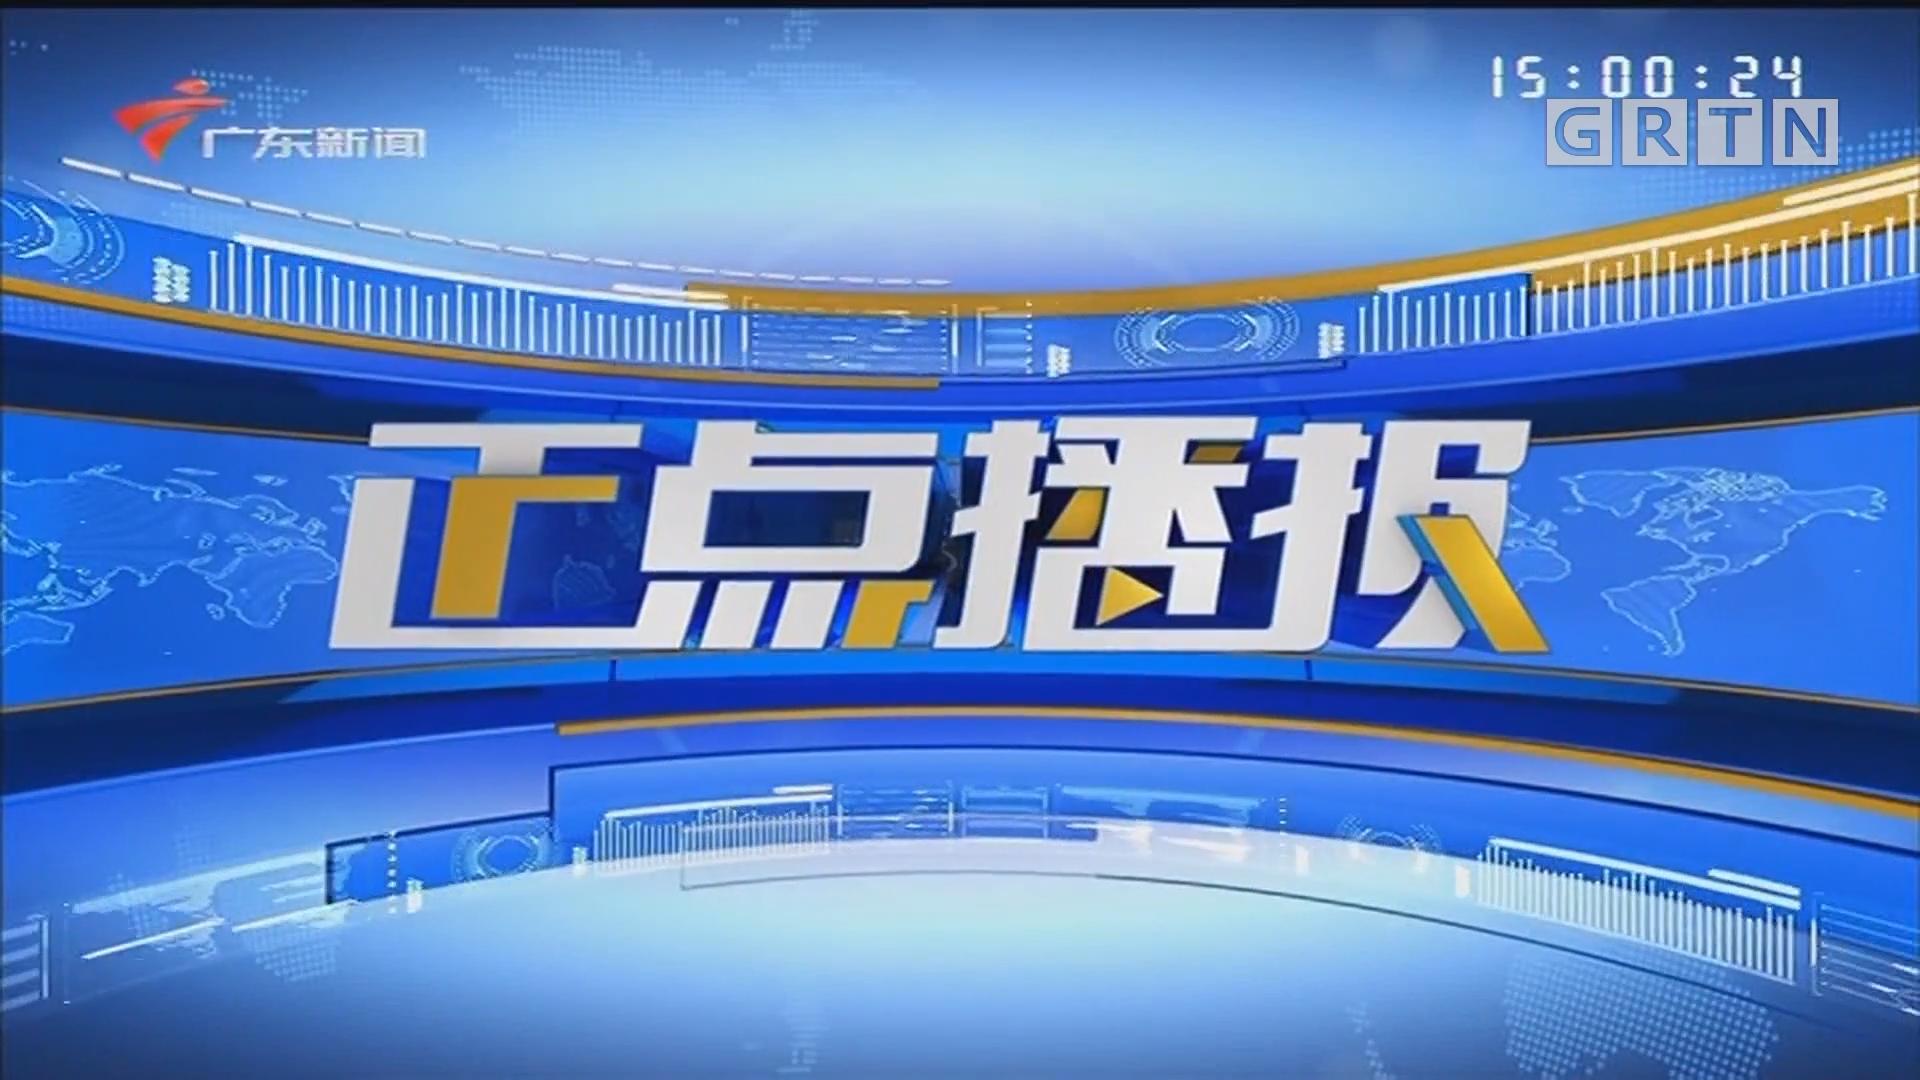 [HD][2020-01-18-15:00]正点播报:中新社:西宁市地面坍塌事件搜救工作停止 宣布1人失踪